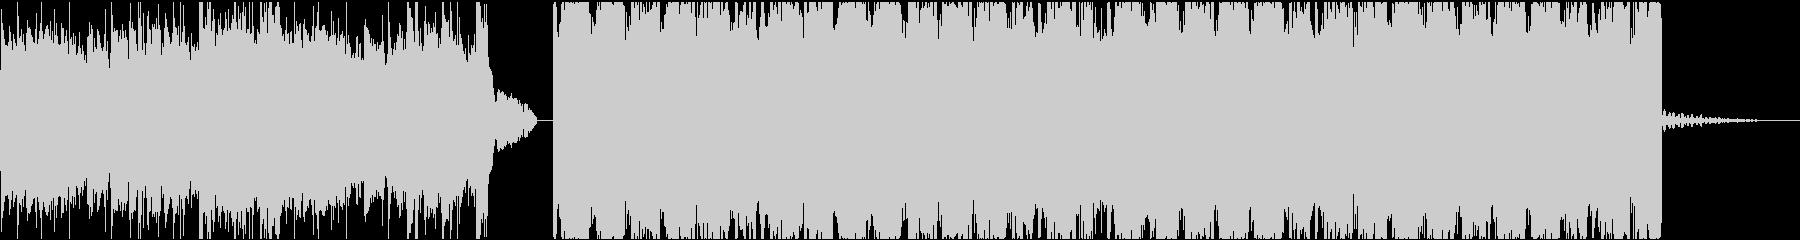 空間の広いピアノポップスの未再生の波形